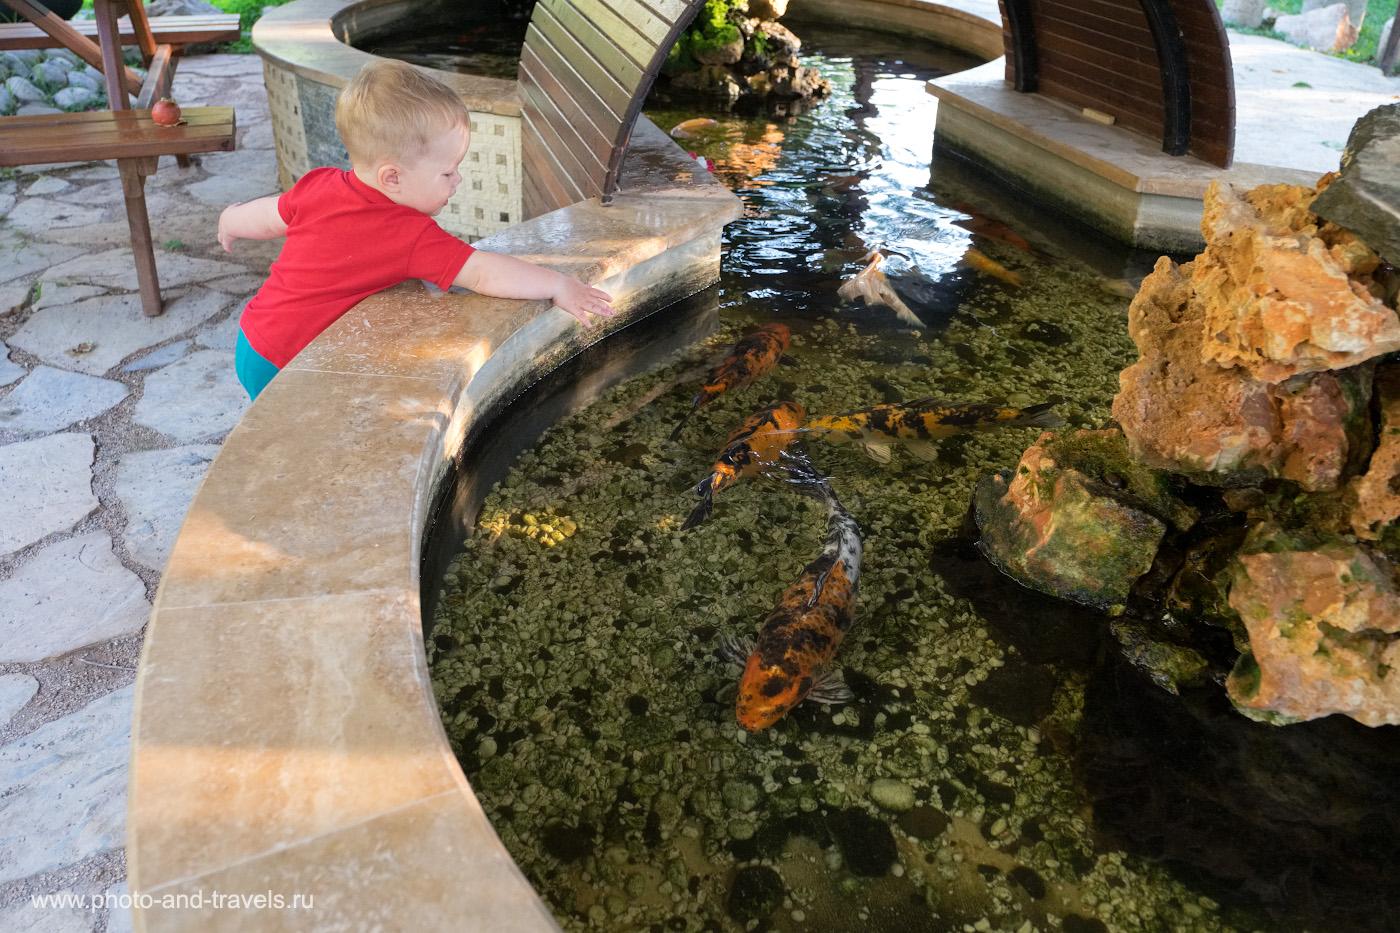 11. Золотые рыбки в бассейне нашей гостиницы. 1/250, 2.8, 2000, -0.33, 18.